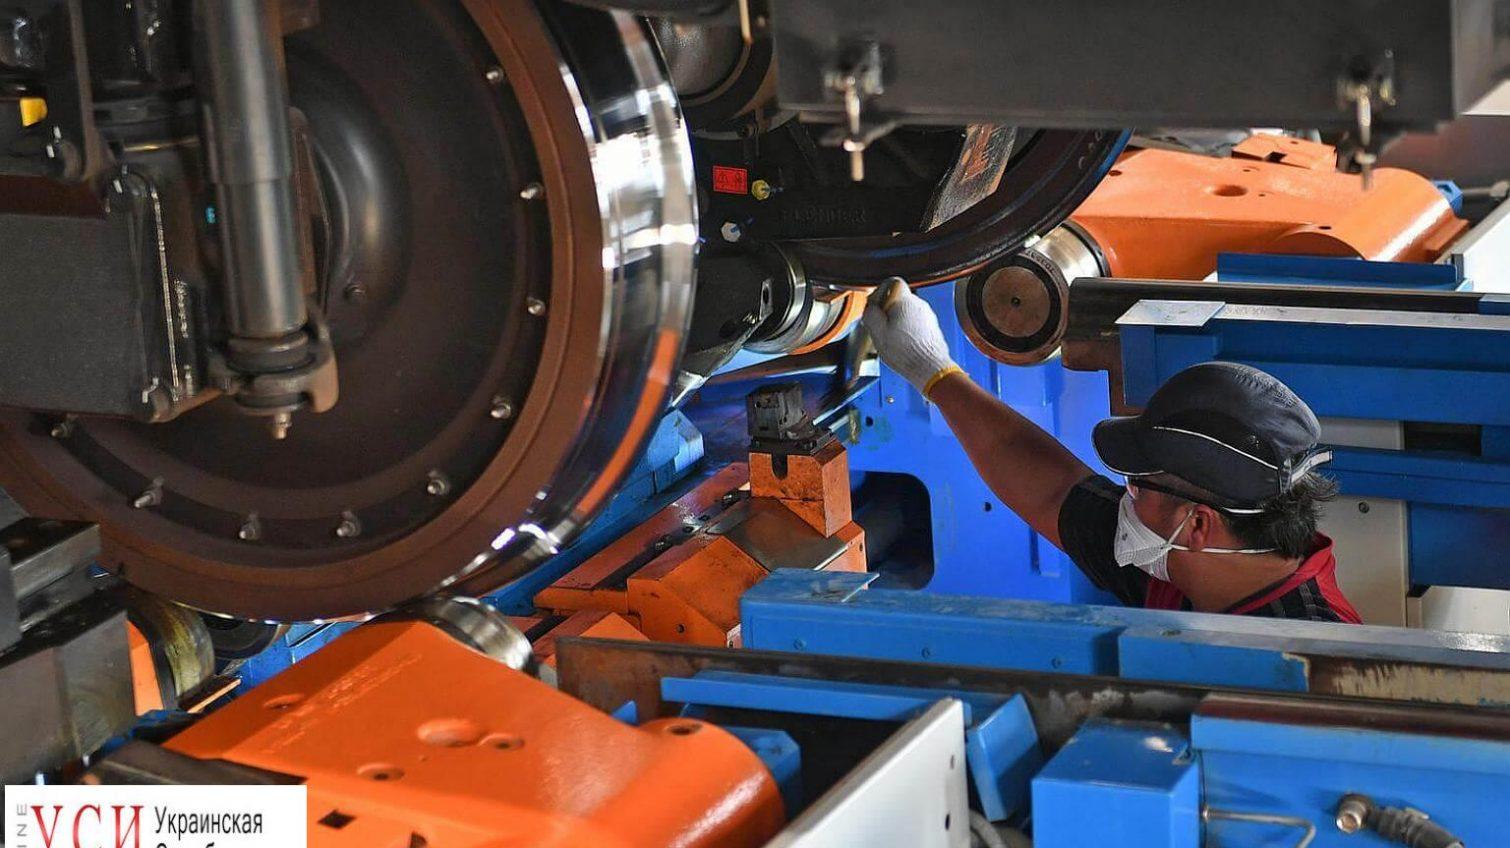 За год в депо ОЖД отремонтировали более 9 тысяч вагонов «фото»